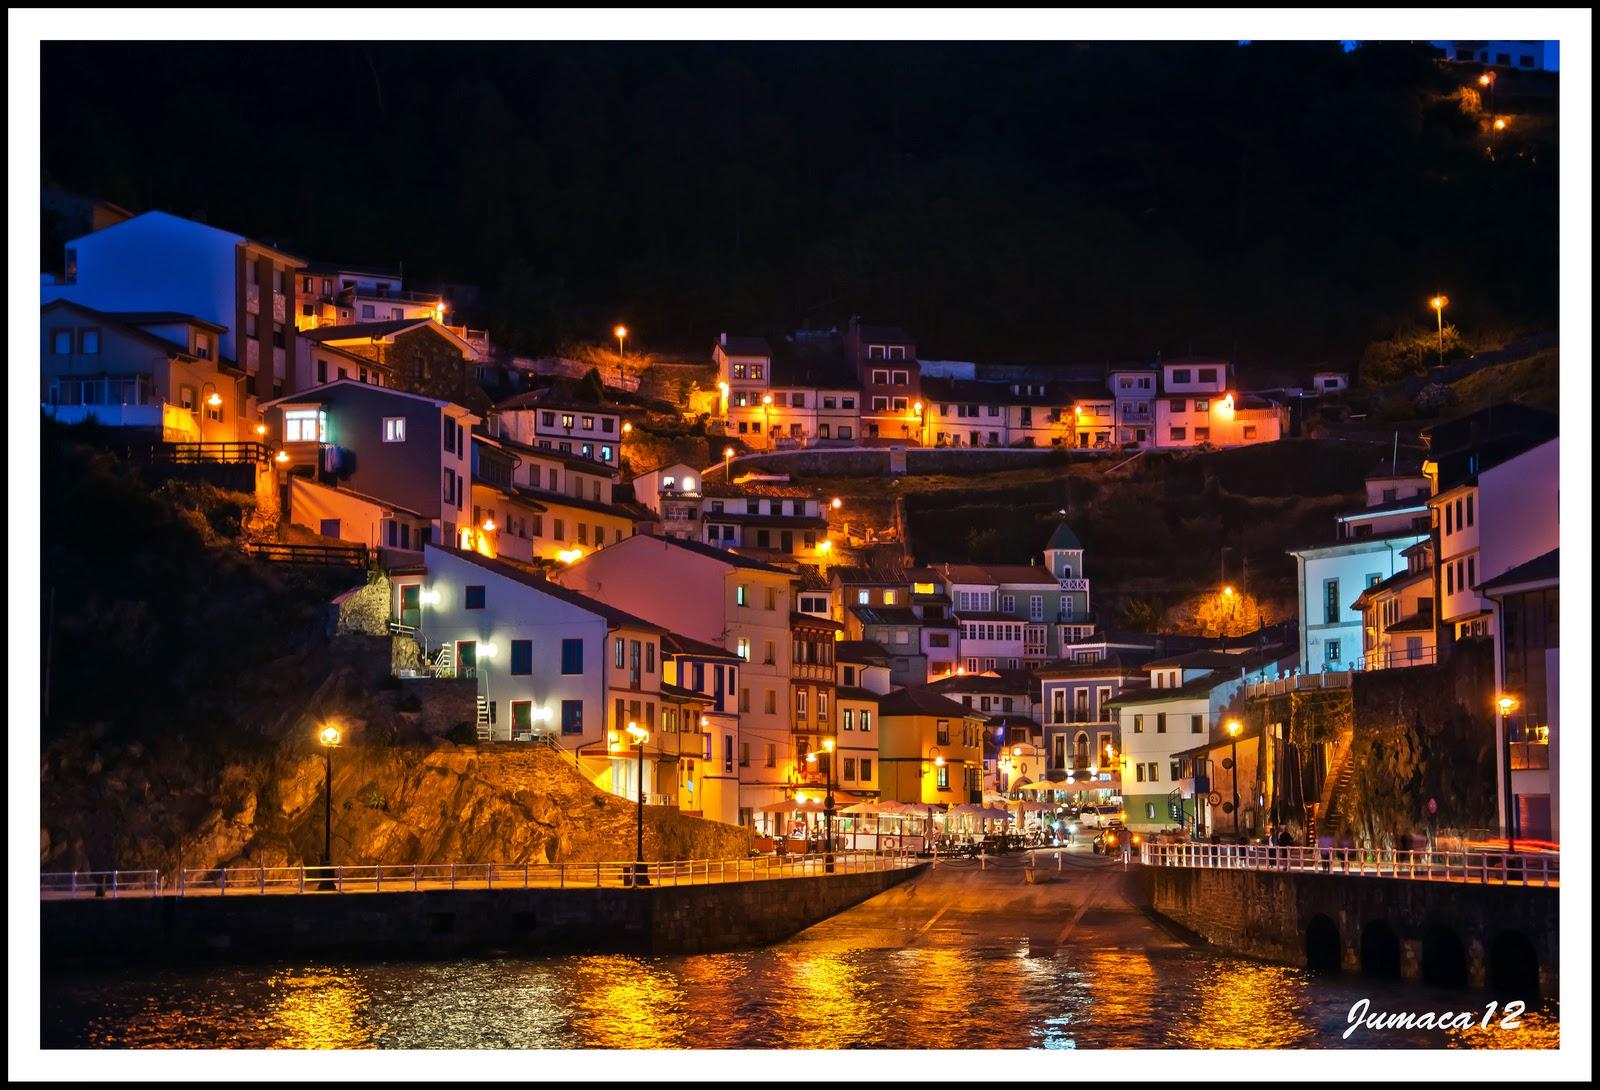 Imagen nocturna de un pueblo de la costa